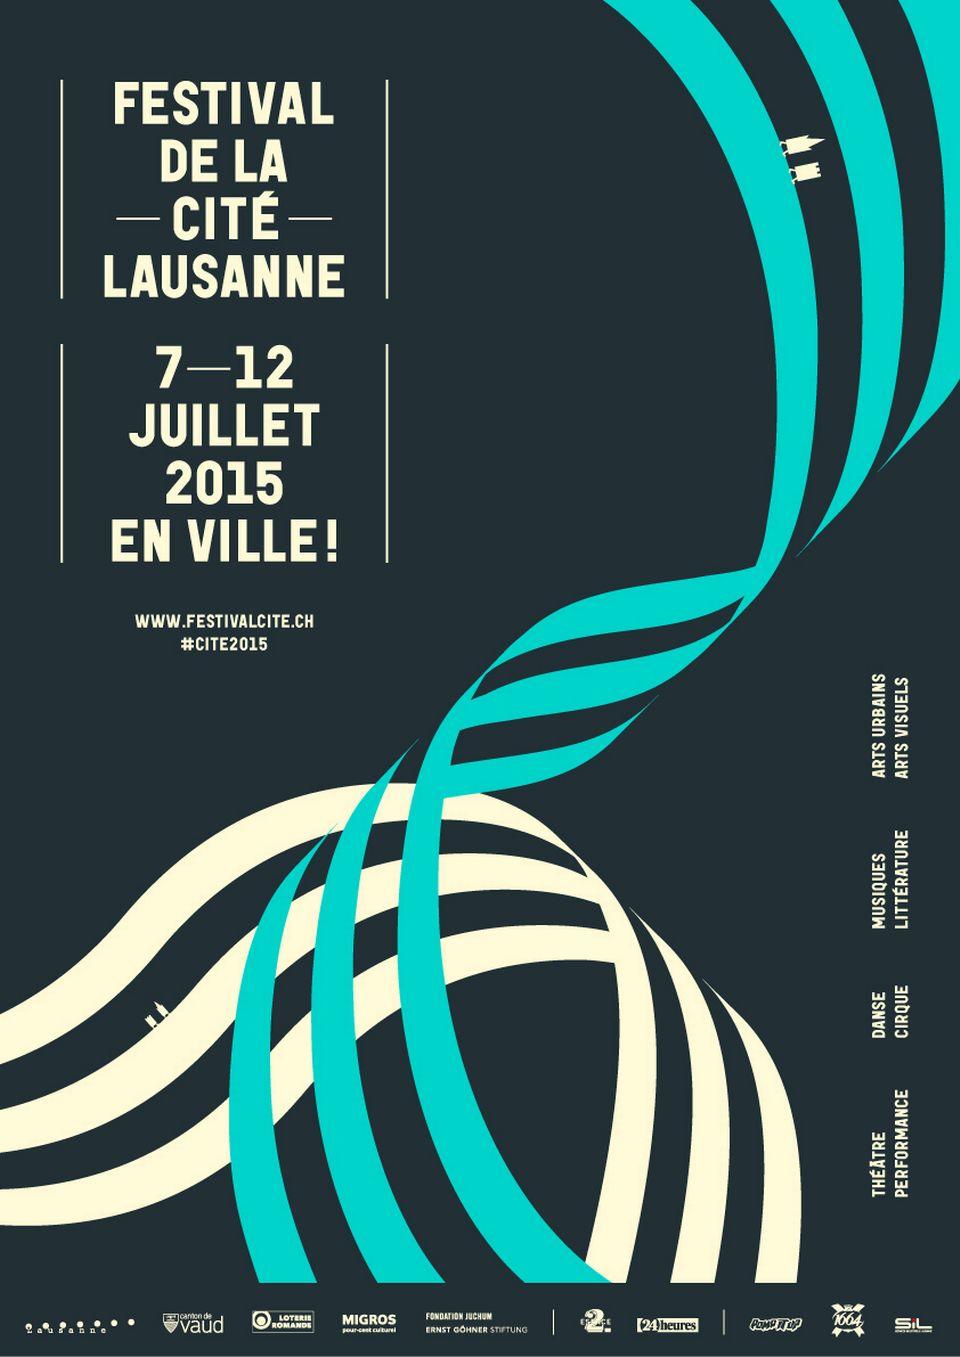 Affiche du festival de la Cité 2015. [http://festivalcite.ch/]